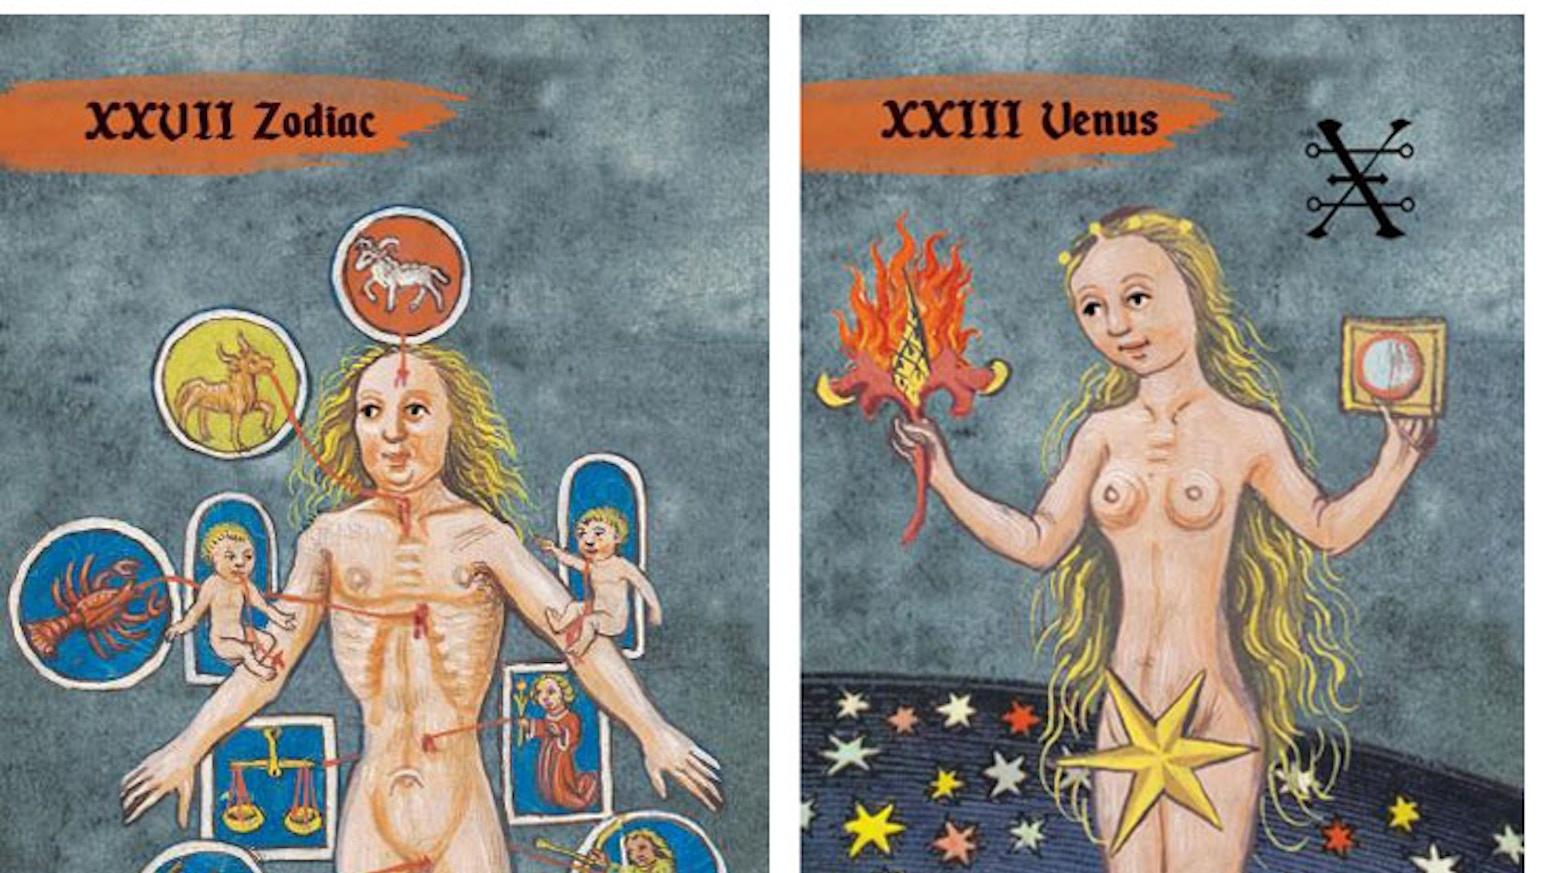 A Tarot Deck Featuring 86 Original, Beautifully Illustrated Tarot Cards Based on Renaissance Manuscripts.